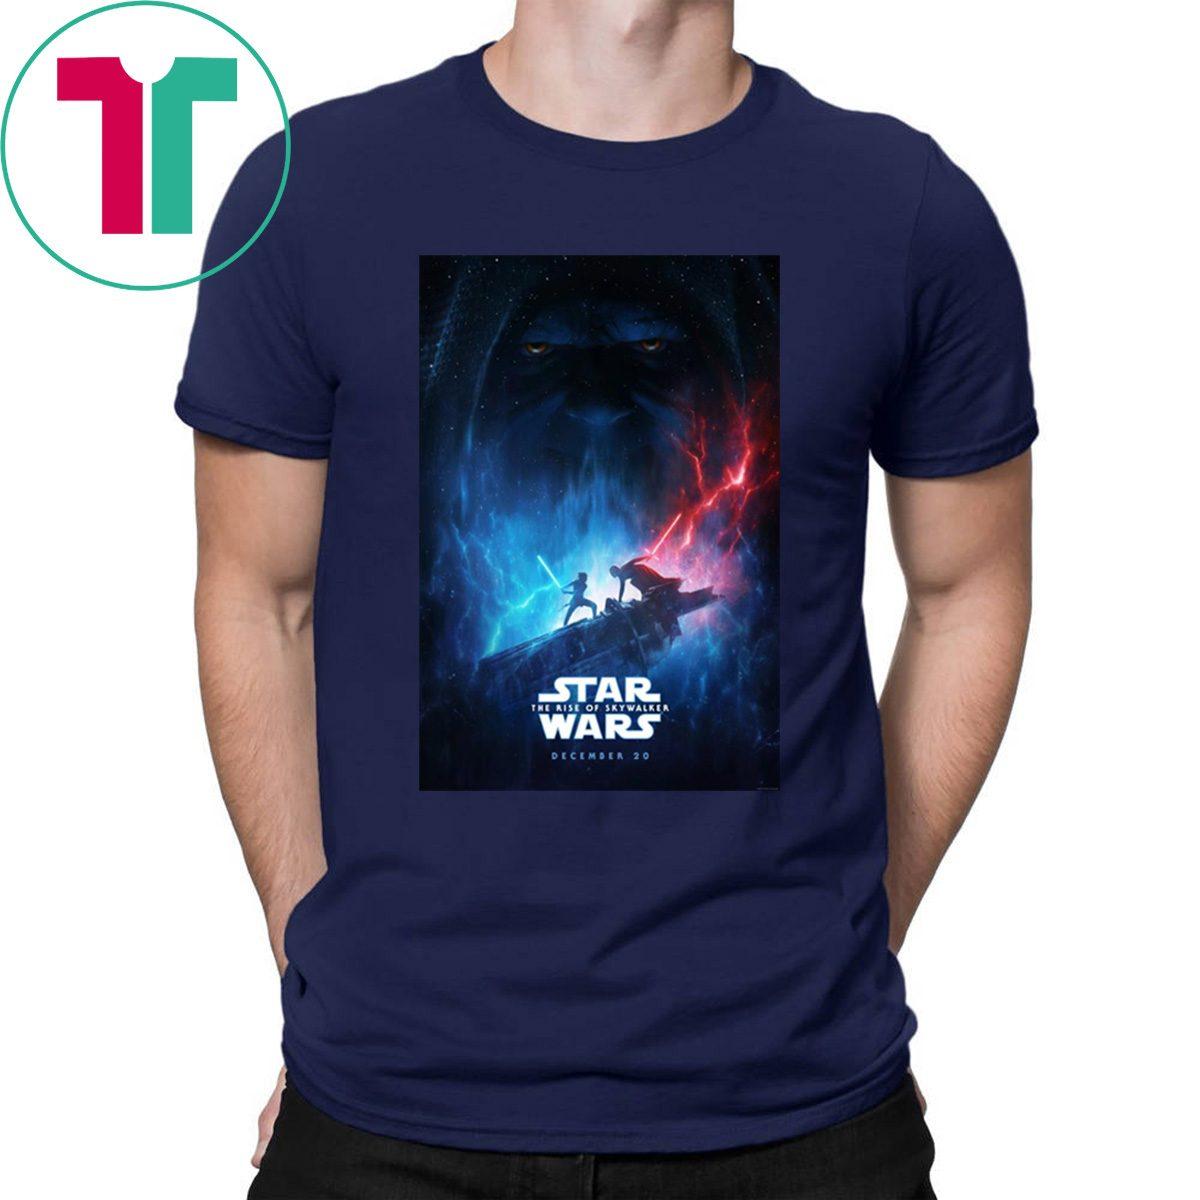 Star Wars The Rise Of Skywalker T Shirt Reviewshirts Office